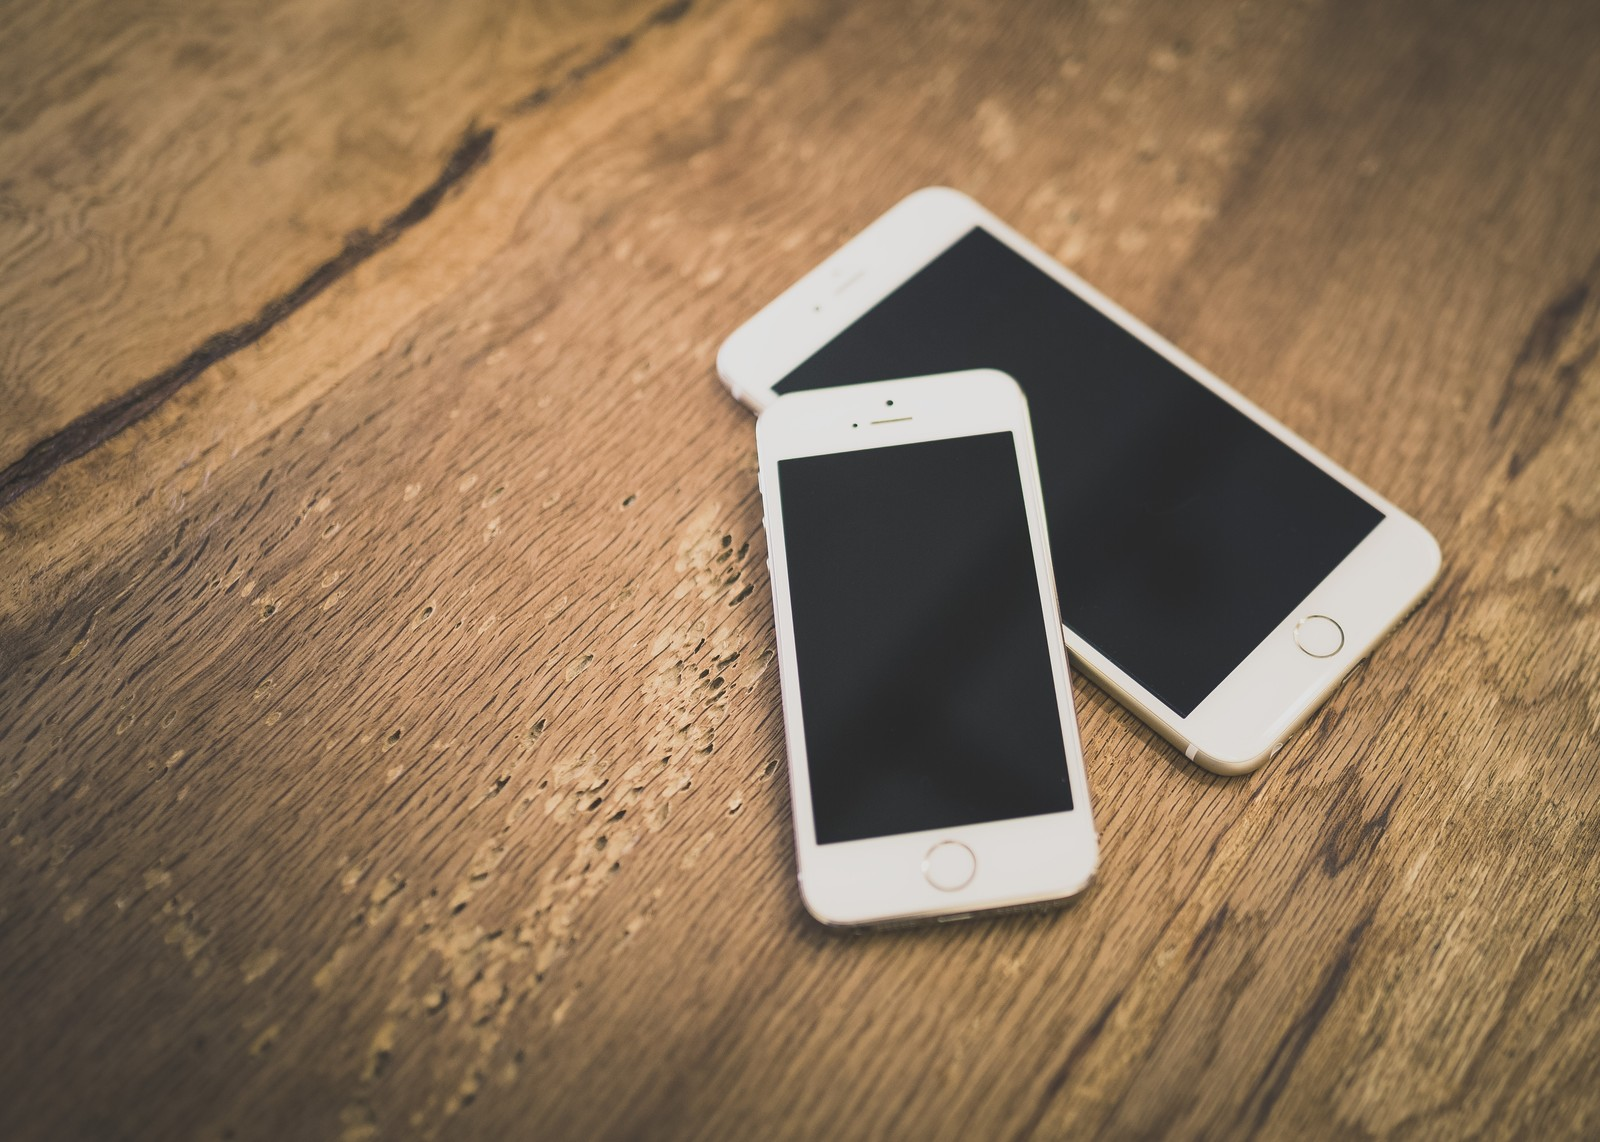 iPhoneの写真や動画を消して空き容量を空けたいけど、空かない時の原因は?